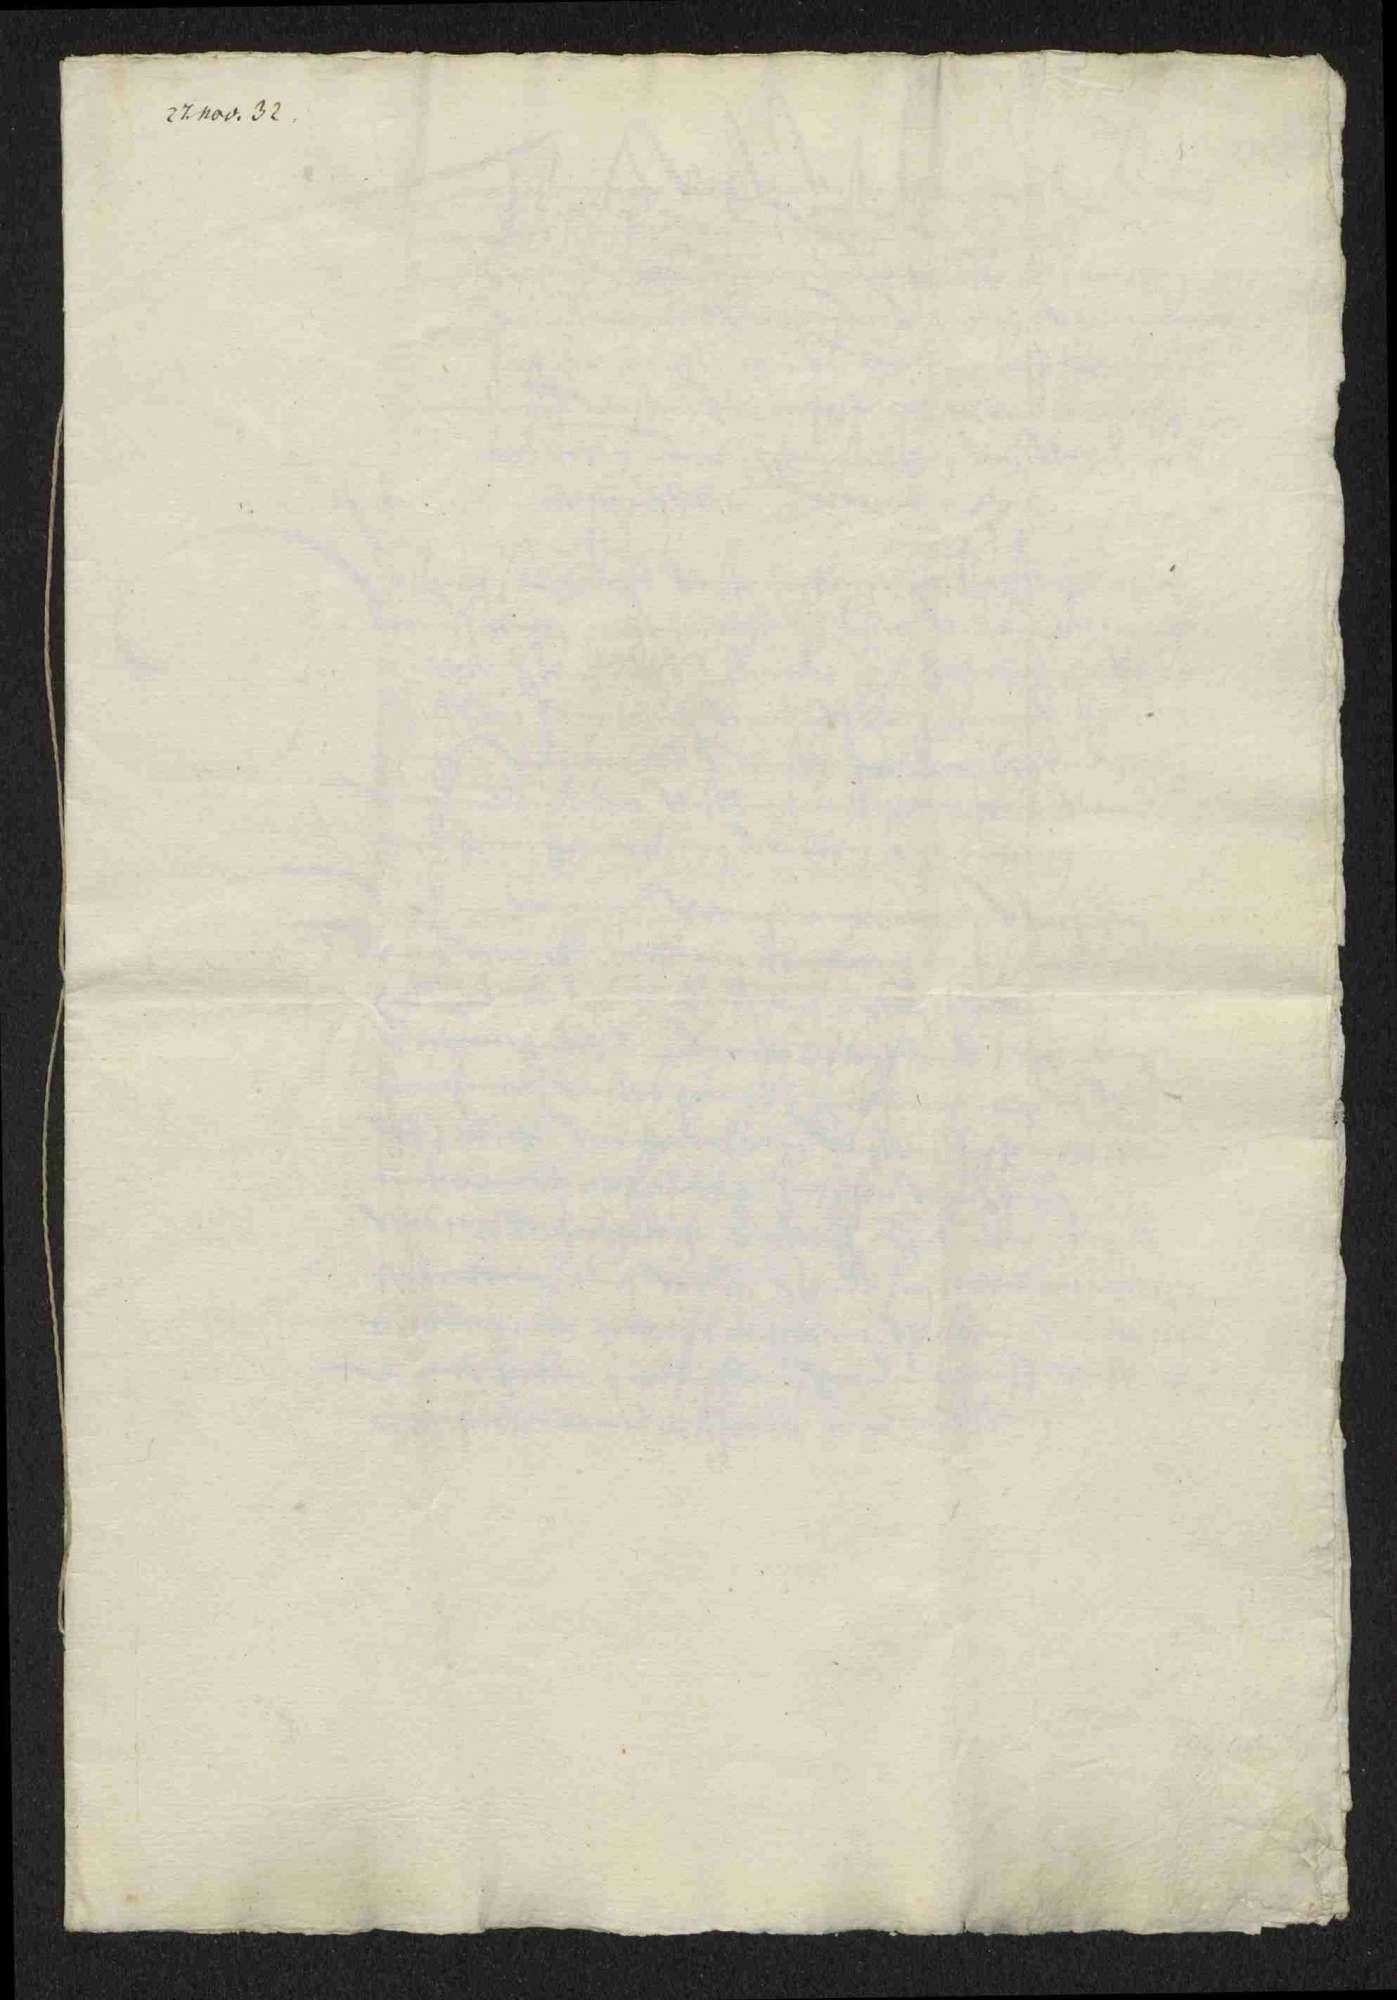 Bundesversammlungen zu Augsburg; Bundesmandant über die allgemeine Umlage zum Schadensersatz 1529; Veräußerung und Nutznießung der Güter durch die Witwe des abgefallenen Ammanns Weyland, Bild 2